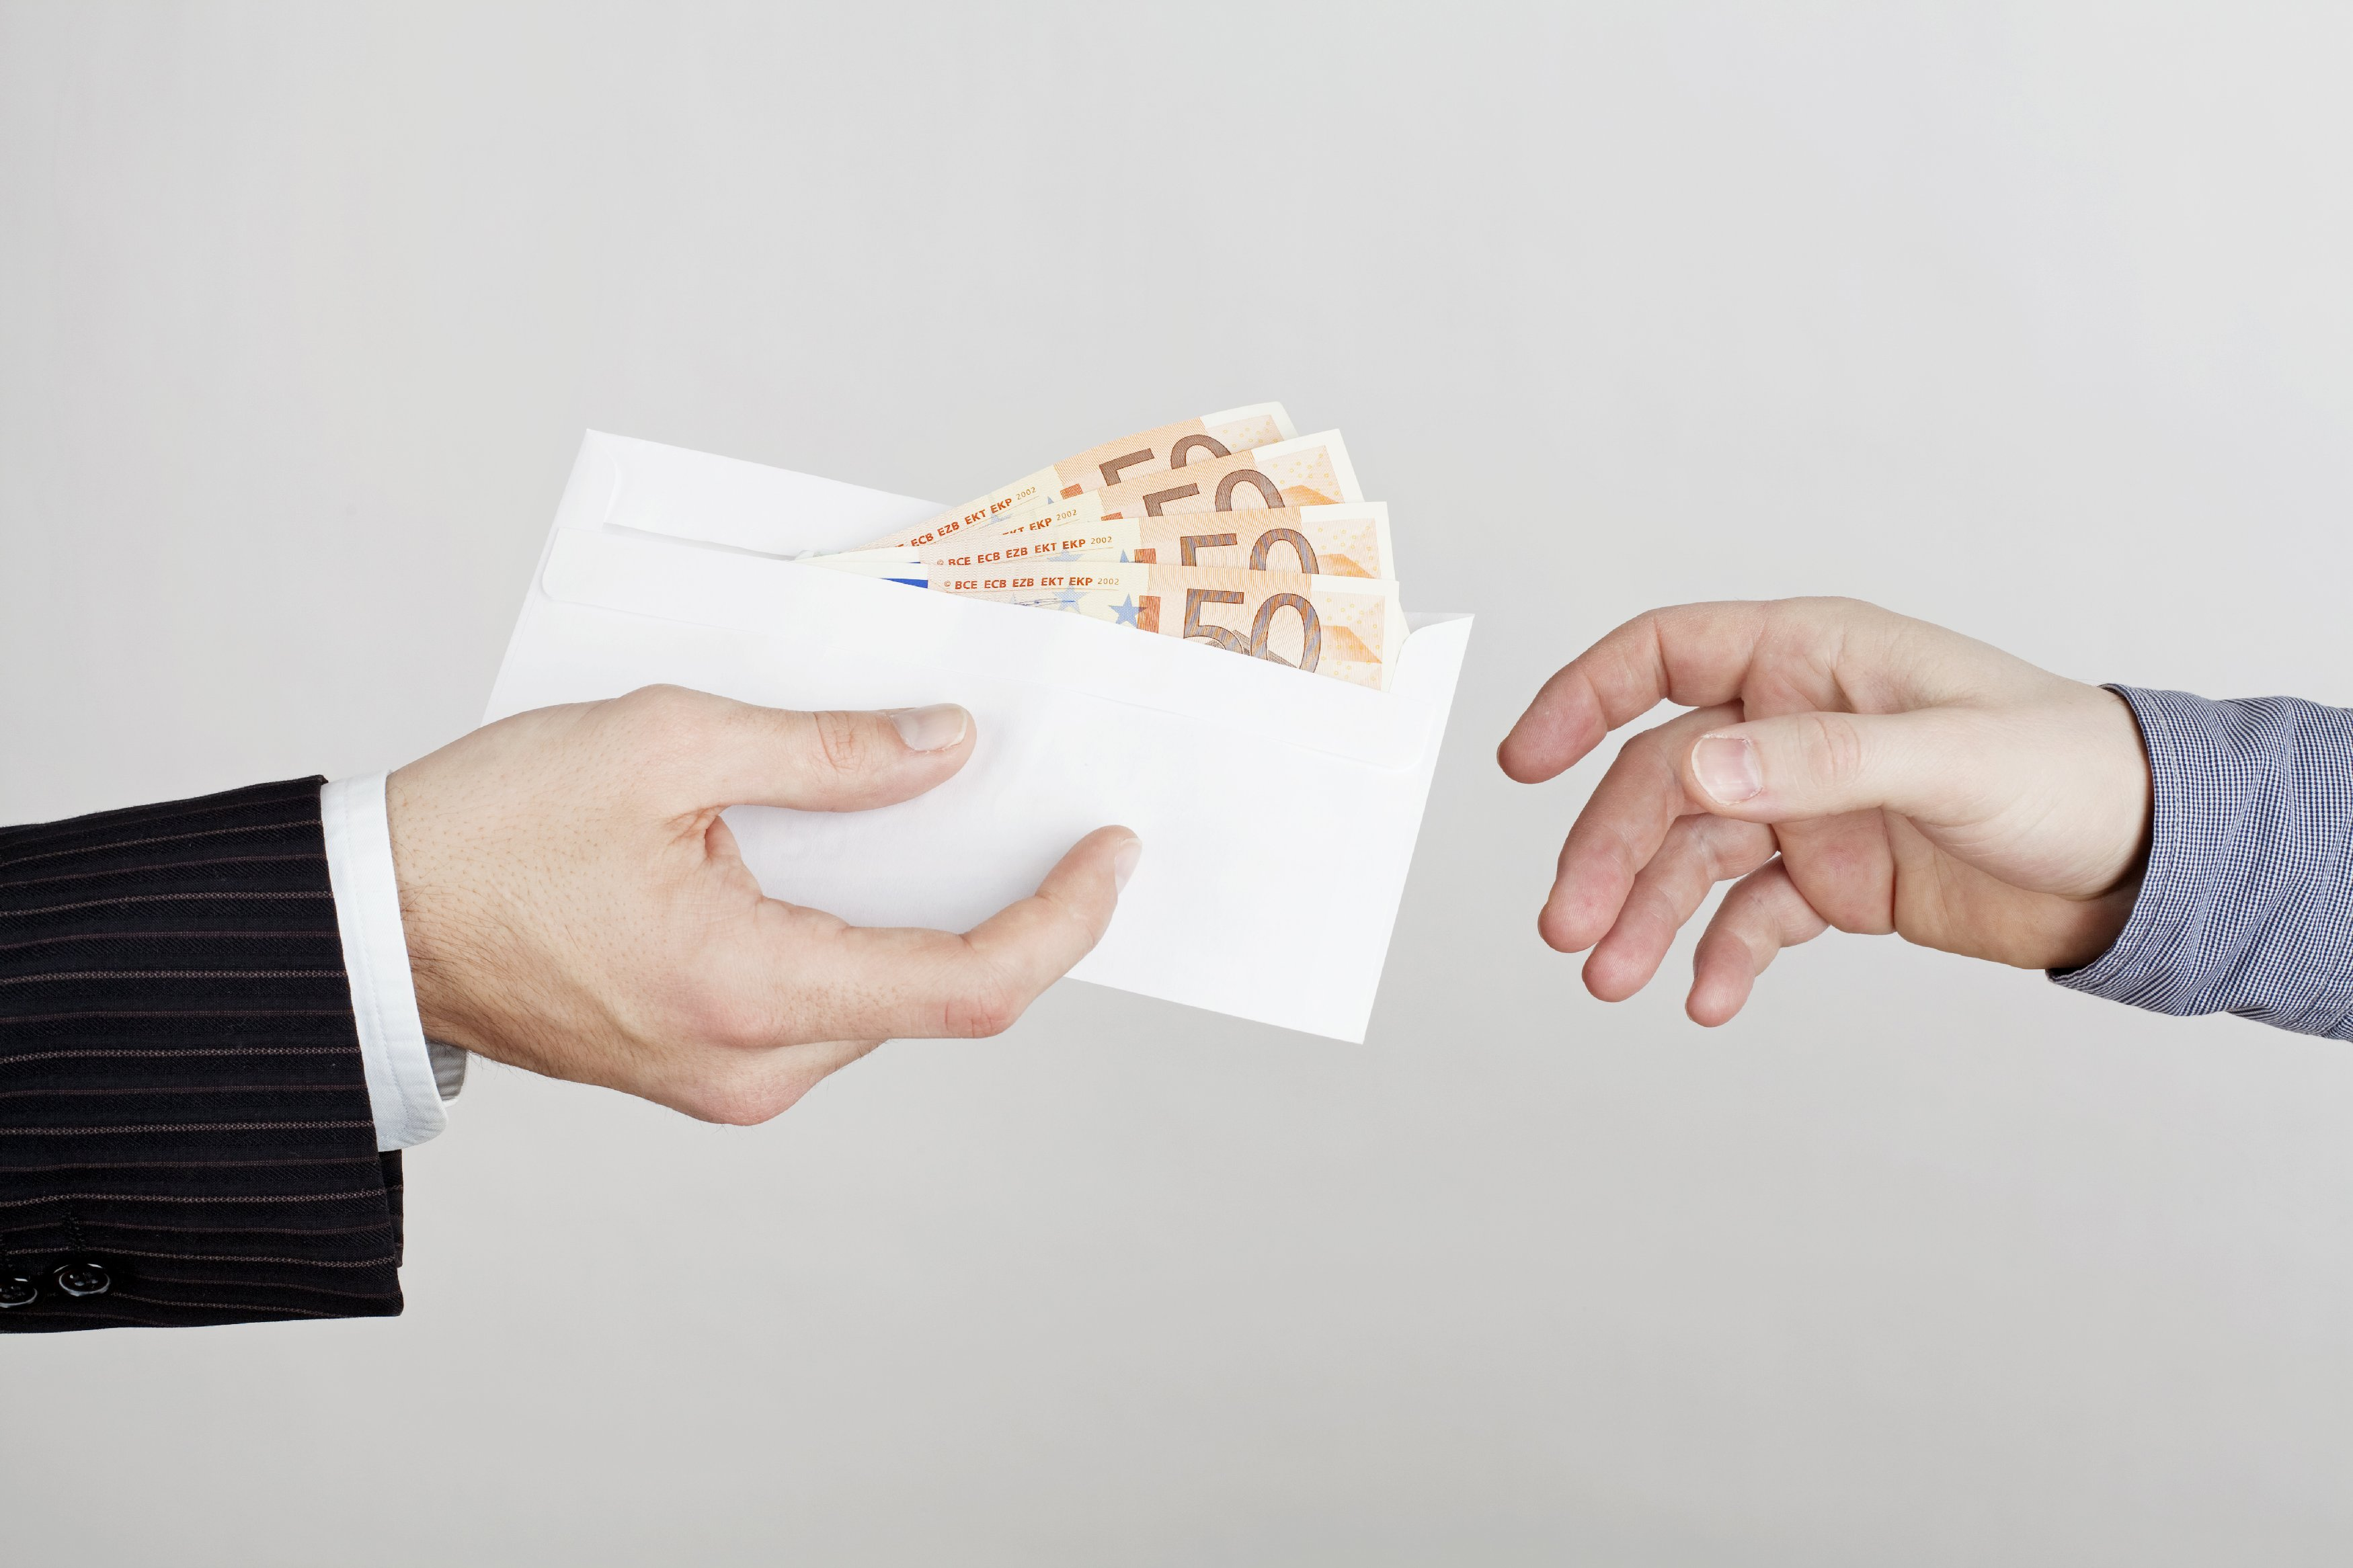 Ненасытный чиновник: извечная дилема нечестных госслужащих